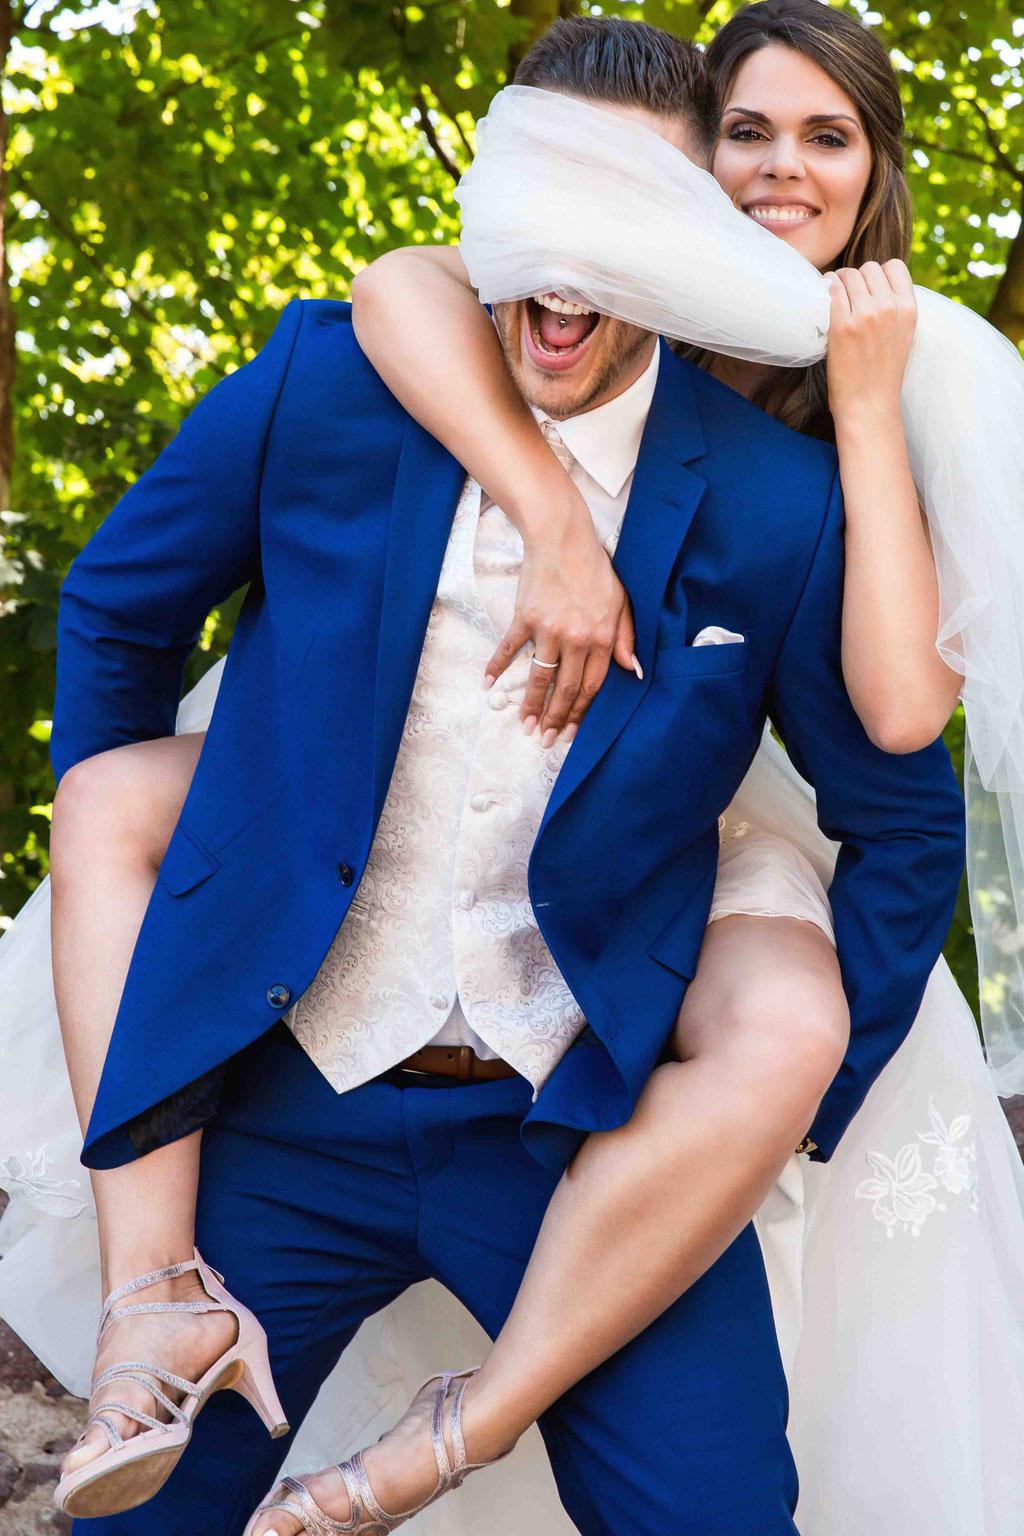 Hochzeit: Weststadtbar Darmstadt, Mainzer Straße 106, 64293 Darmstadt - Hochzeitsfotograf, Lustige Ehebilder, fetzige hochzeitsbilder, humorvolle Hochzeitsfotos, kreative Bilder unserer Hochzeit, Hochzeitsfotograf der Premiumklasse